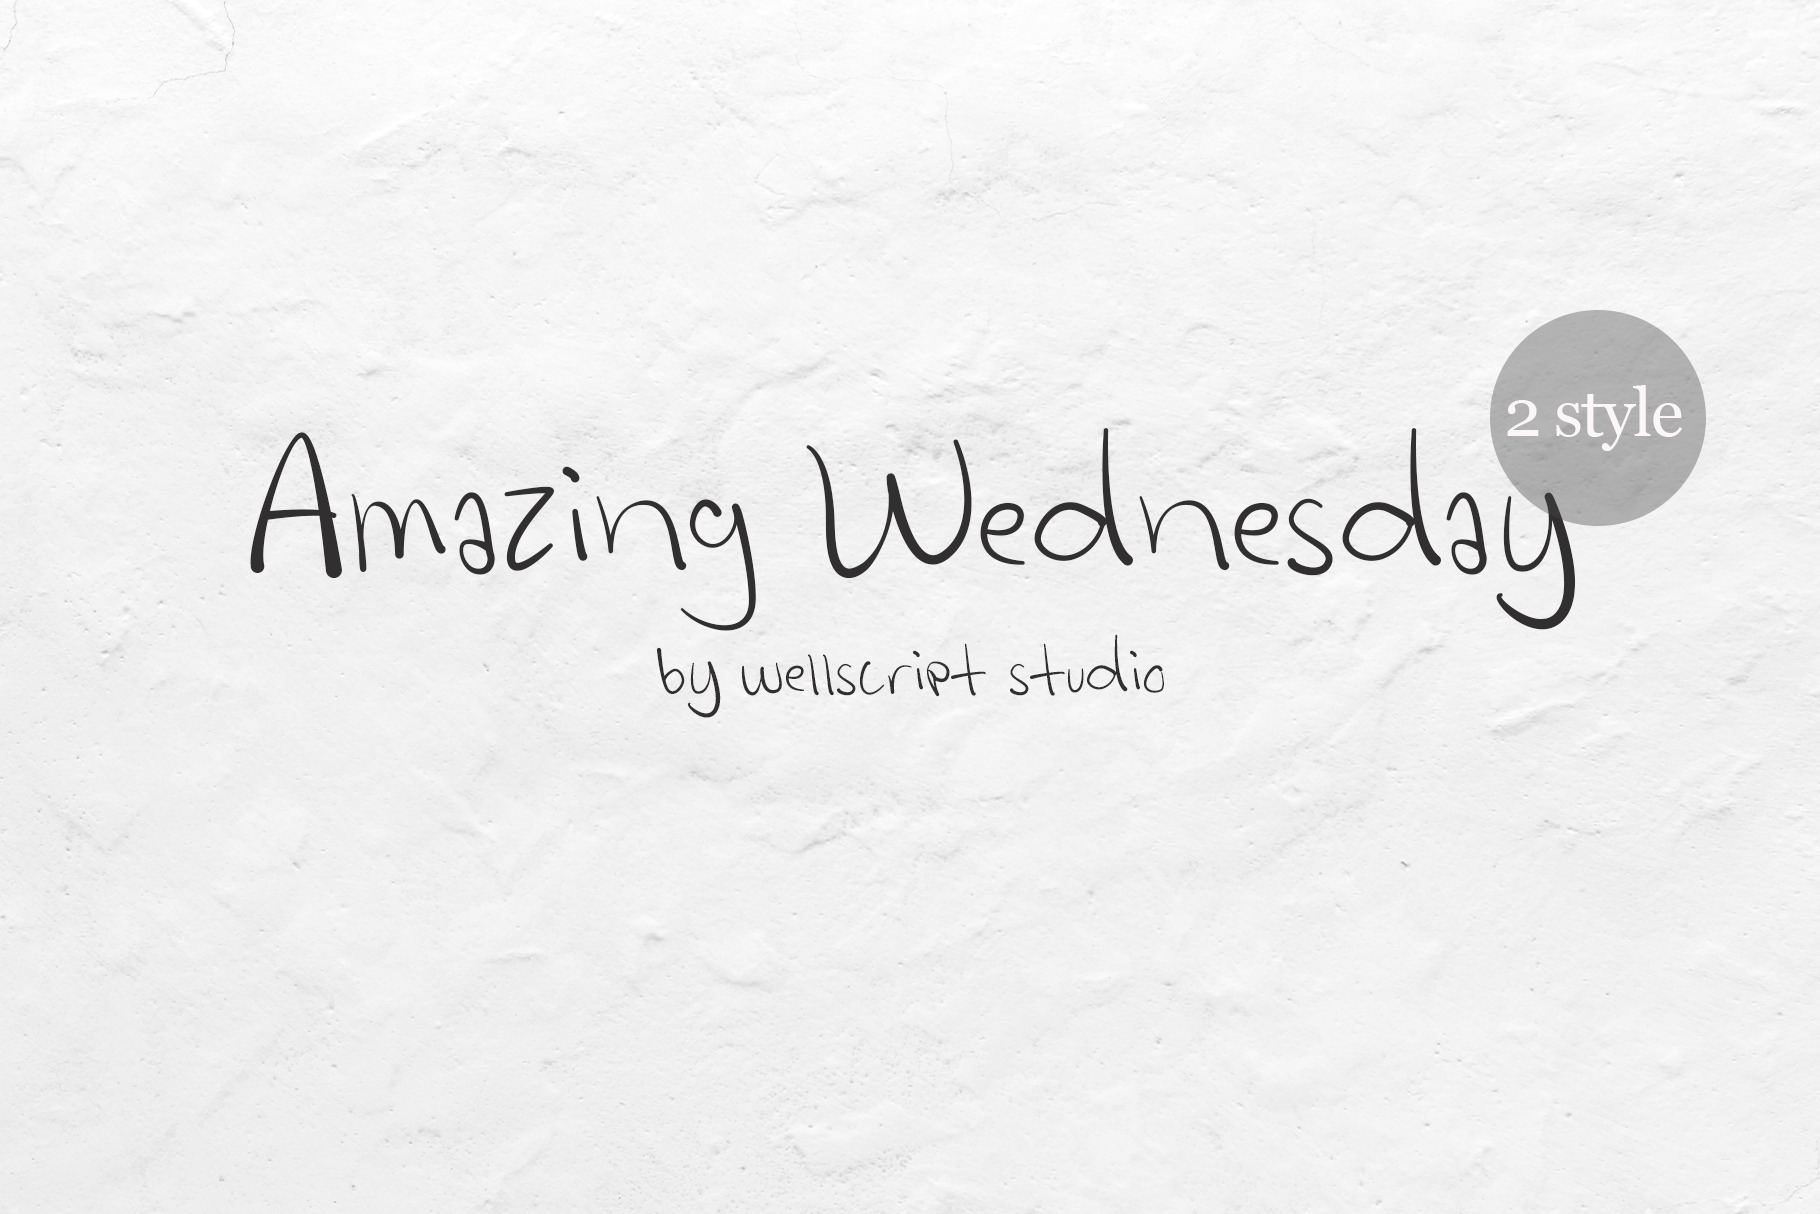 Amazing Wednesday - Handwritten Font example image 1